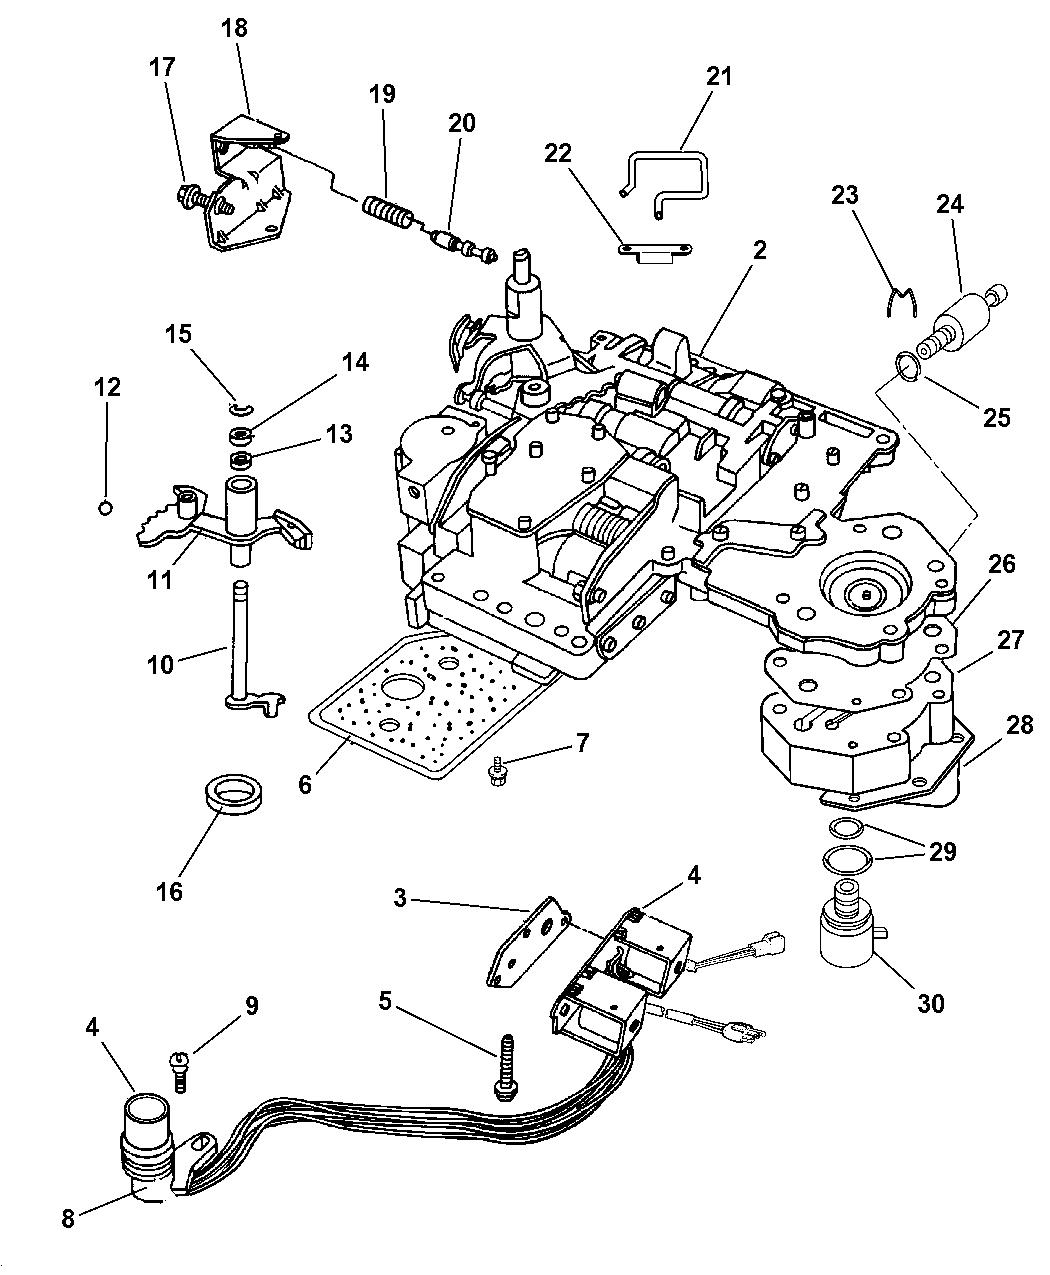 2001 dodge durango valve body - thumbnail 1